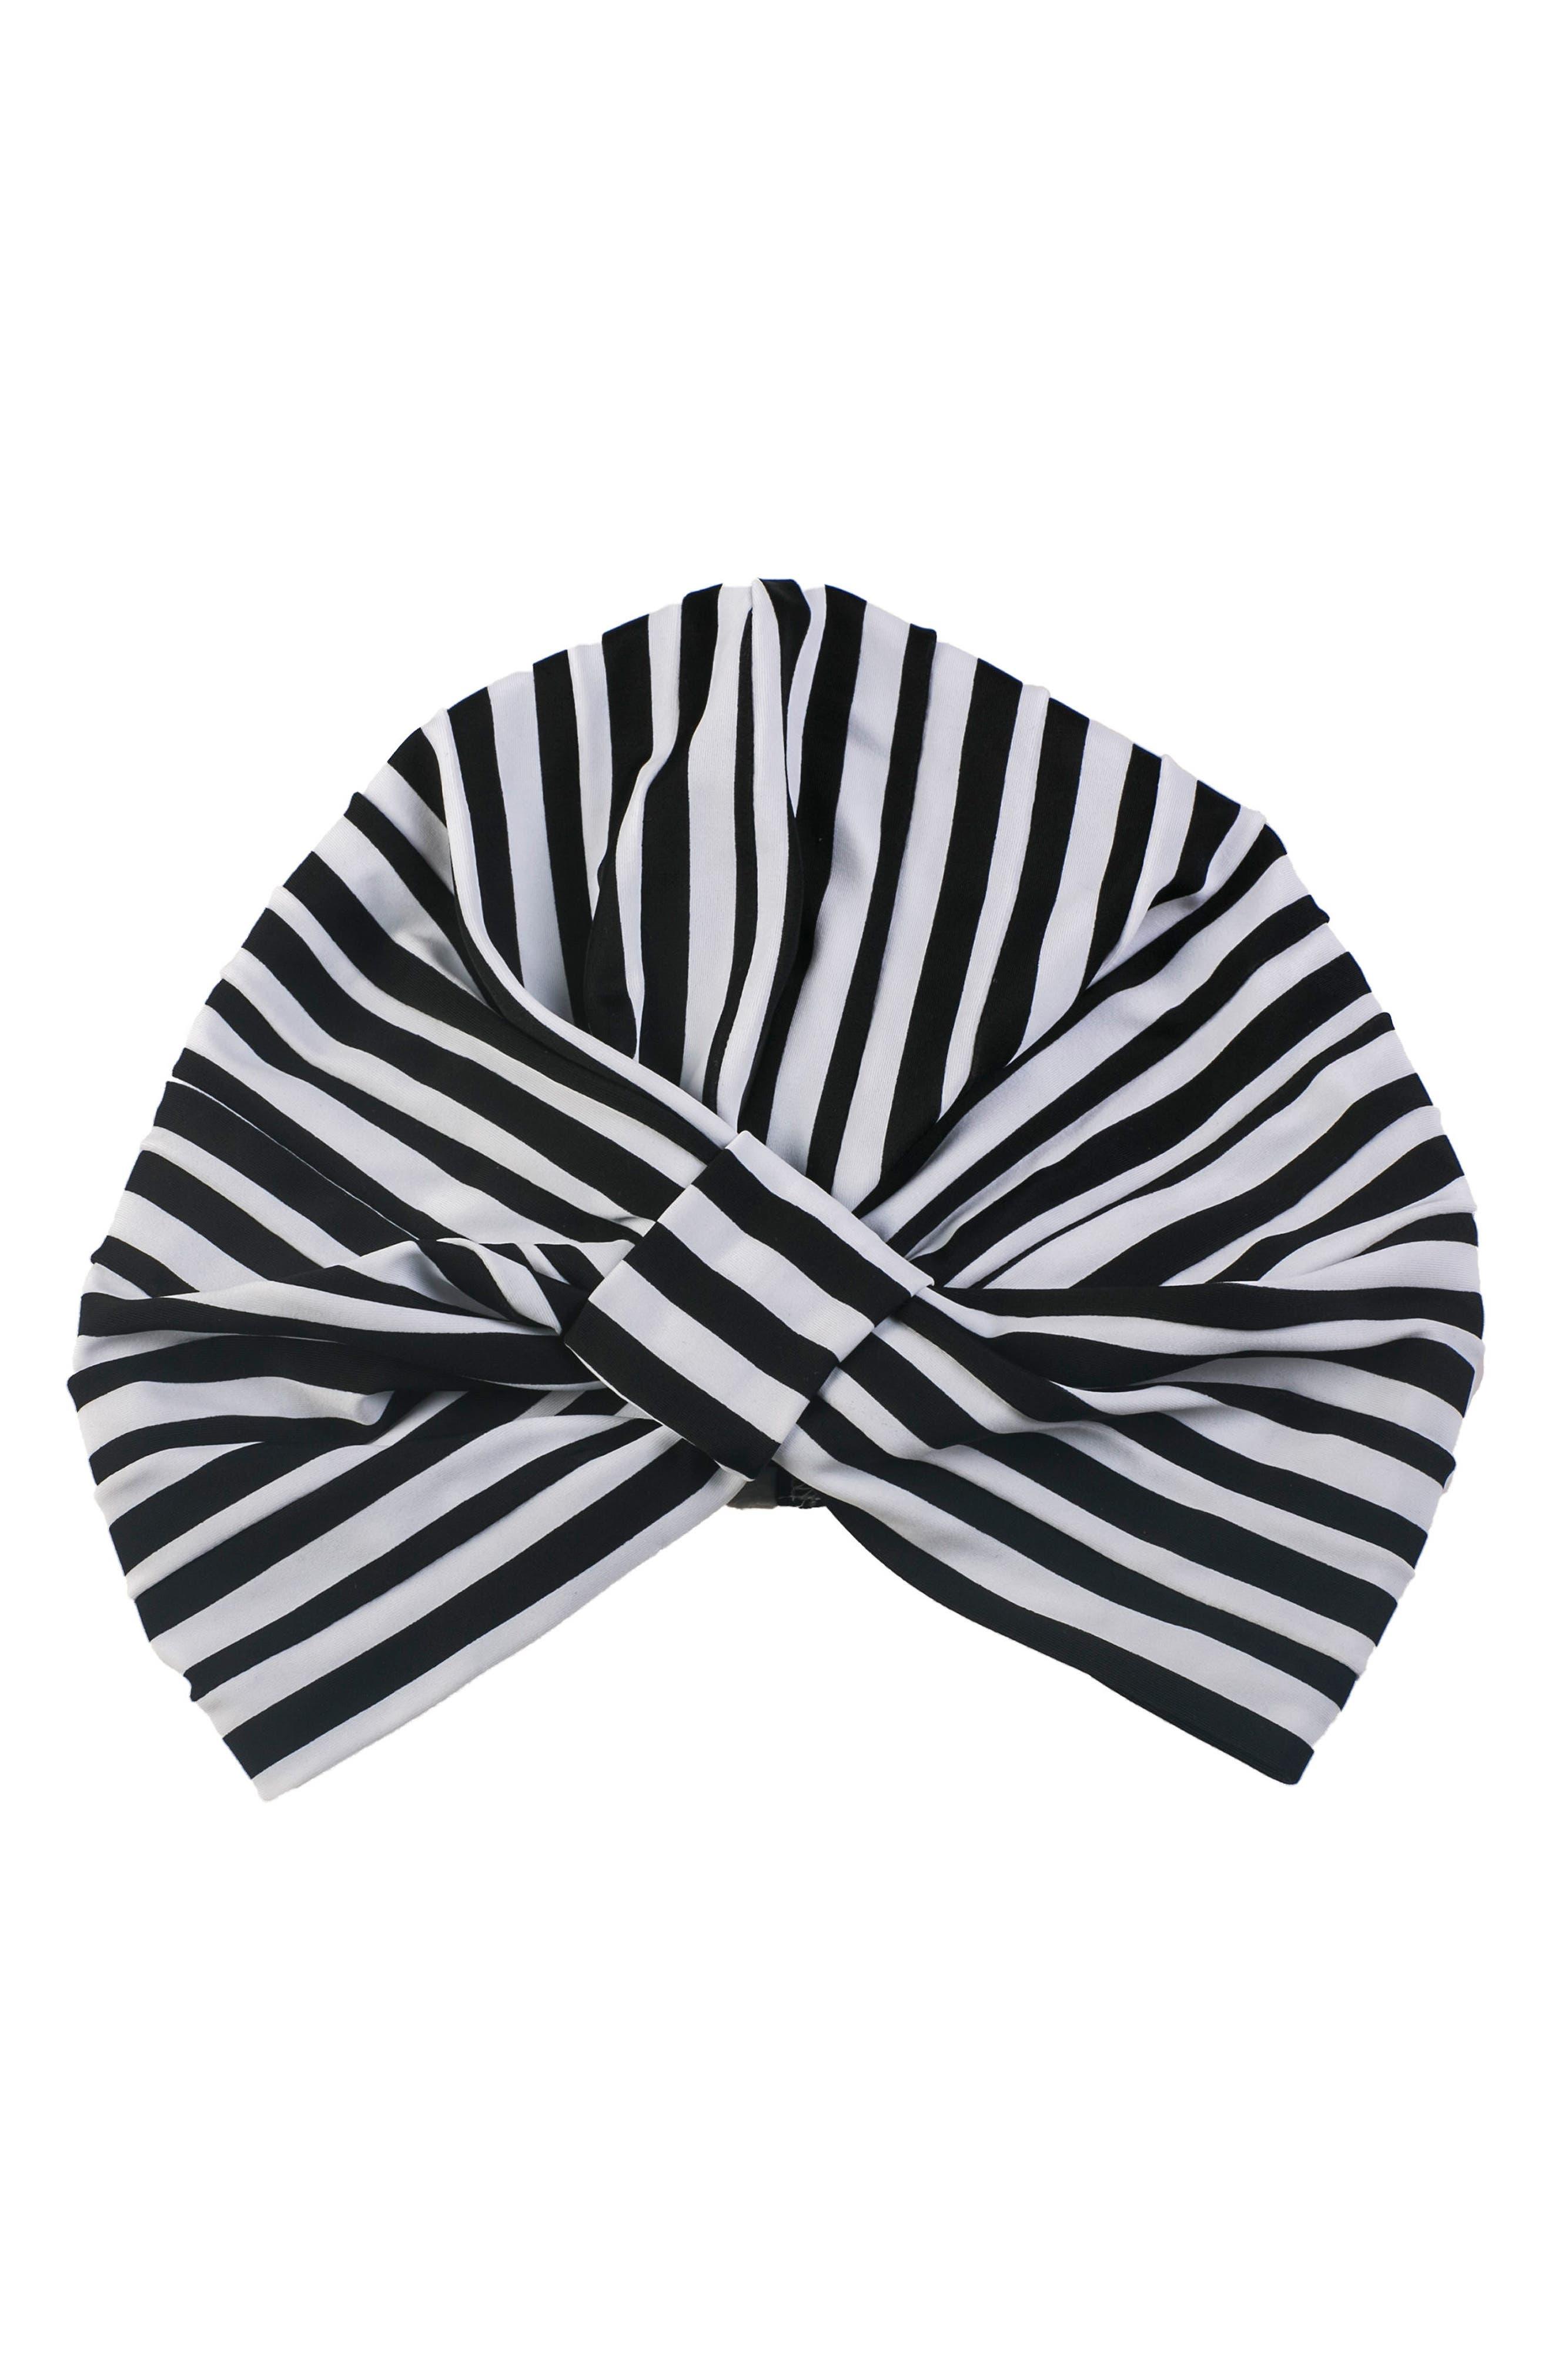 Amelie Turban Shower Cap,                         Main,                         color, MONOCHROME STRIPE